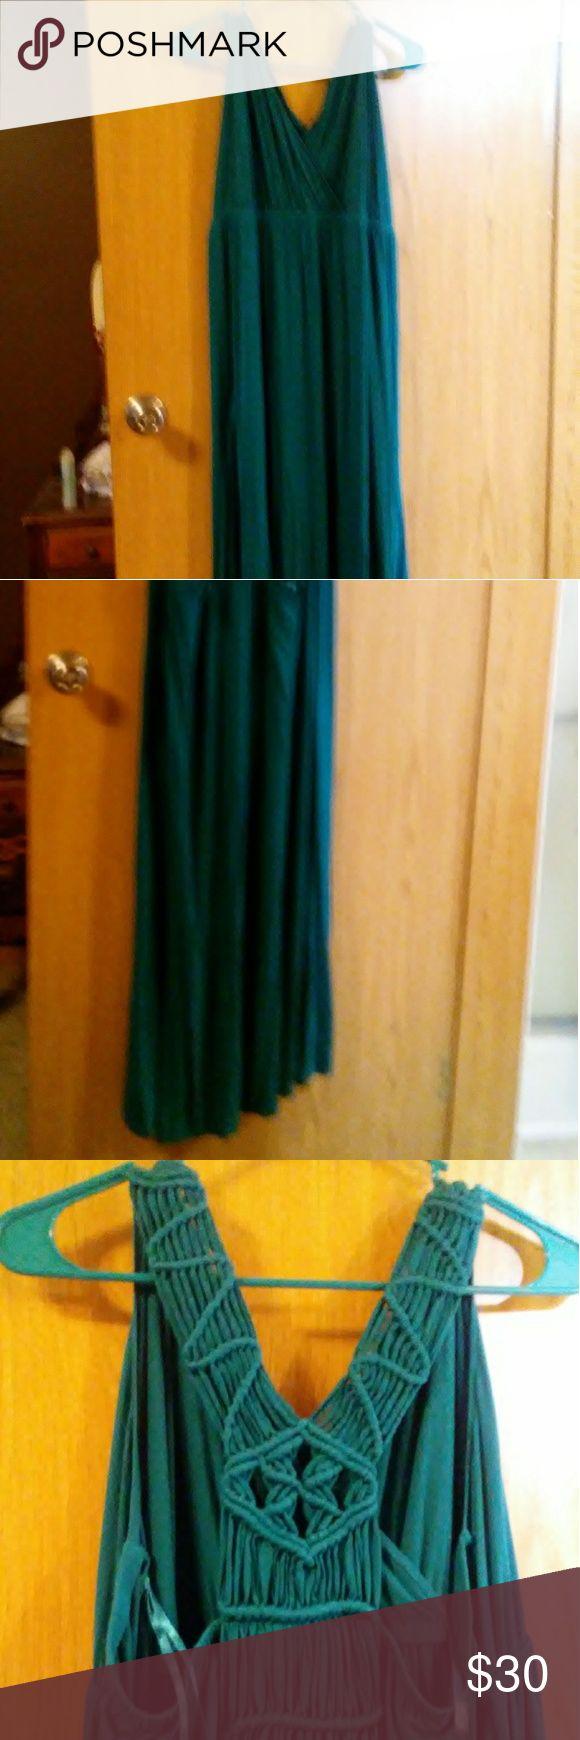 Lane Bryant teal maxi dress Lane Bryant teal maxi dress with rope work back. Lane Bryant Dresses Maxi